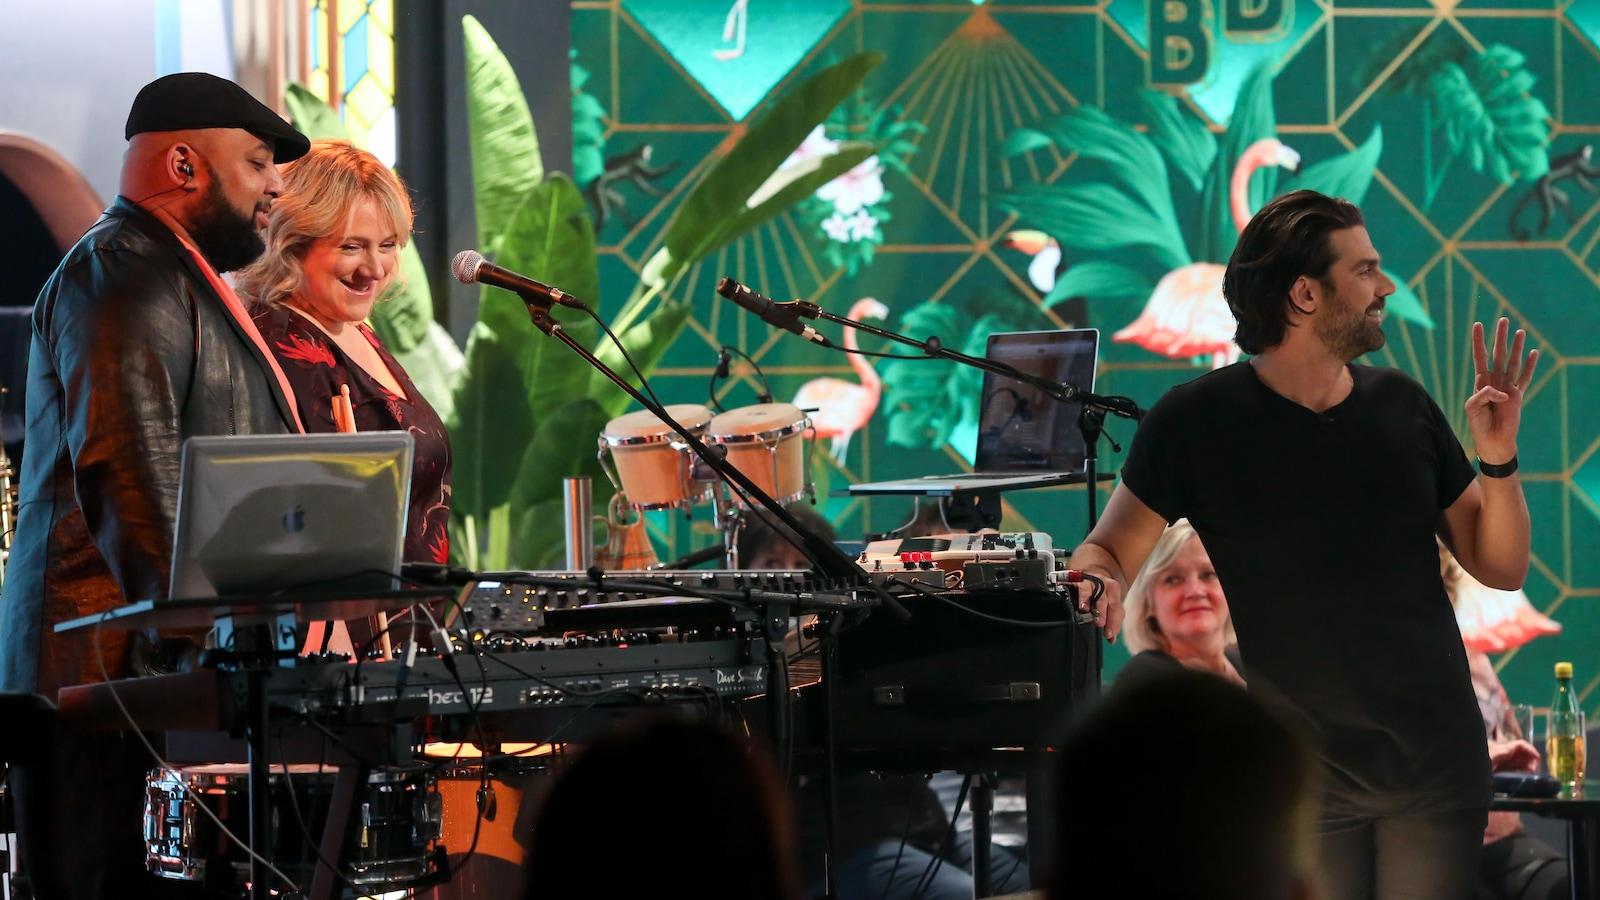 Tony et Julie sont les musiciens de l'émission Bonsoir bonsoir!